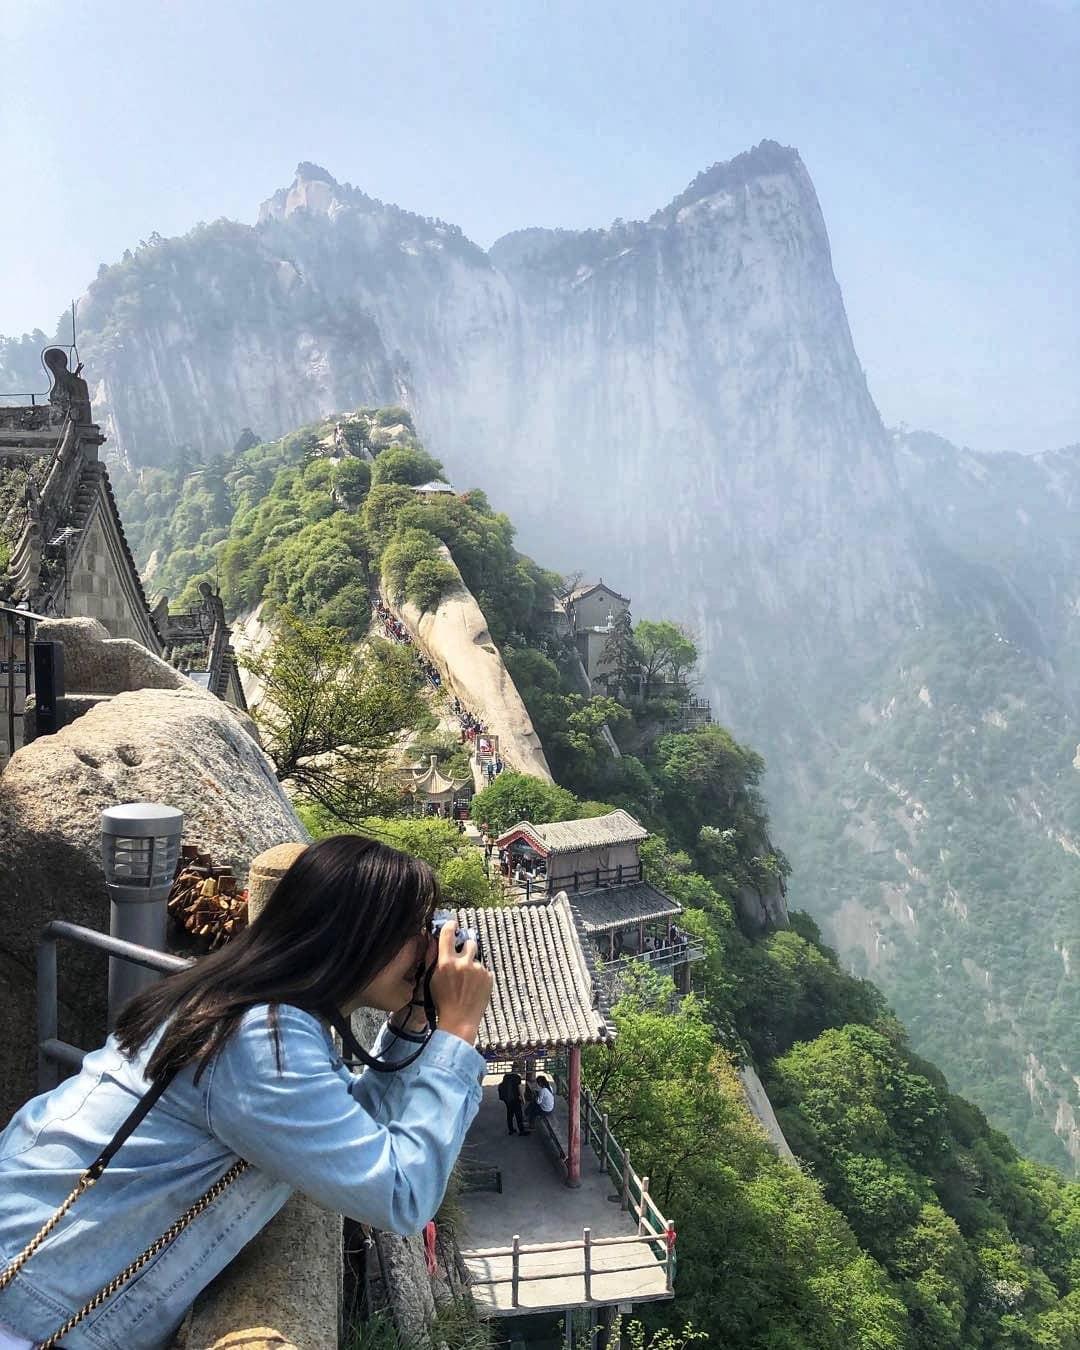 """""""Thót tim"""" với con đường mòn lưng chừng núi Hoa Sơn, nơi thiên đường và địa ngục chỉ cách nhau nửa bước chân! - Ảnh 1."""